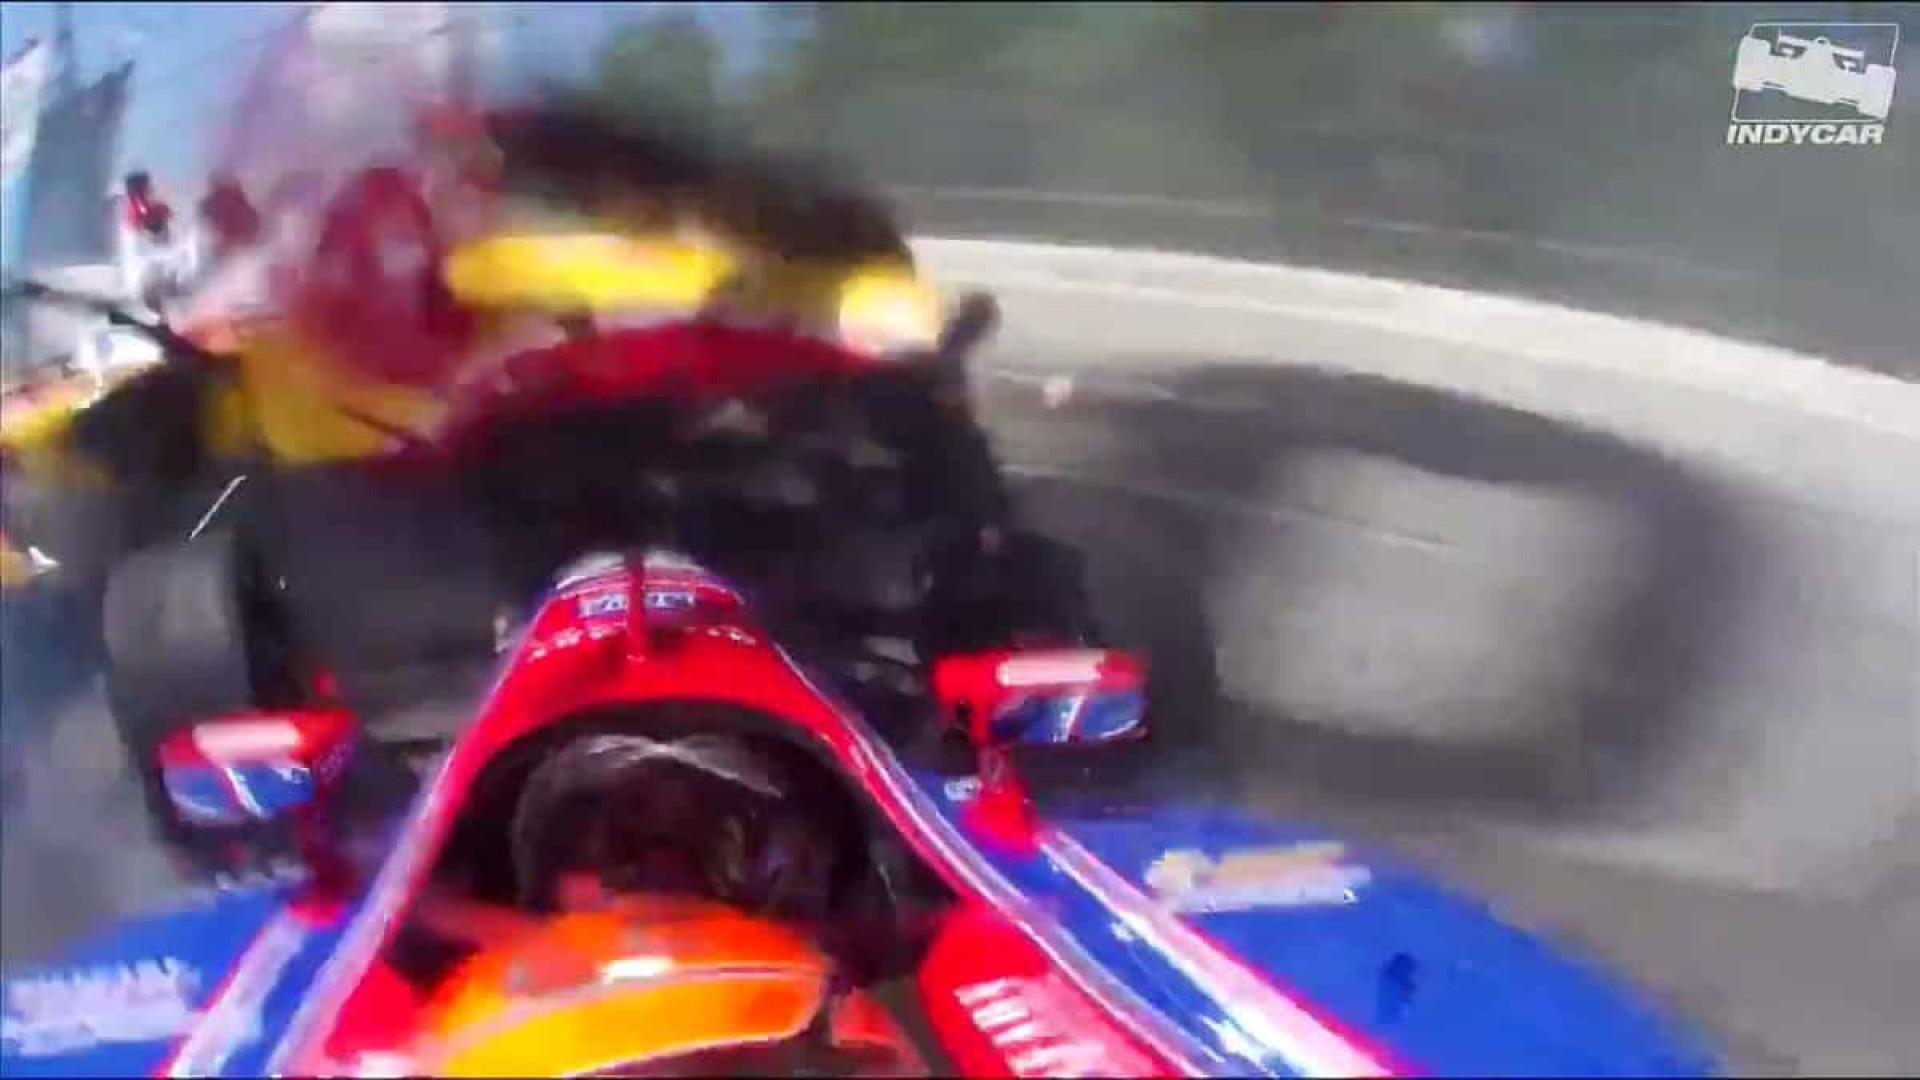 Arrepiante: Vídeo mostra como viram pilotos acidente na Indy Series